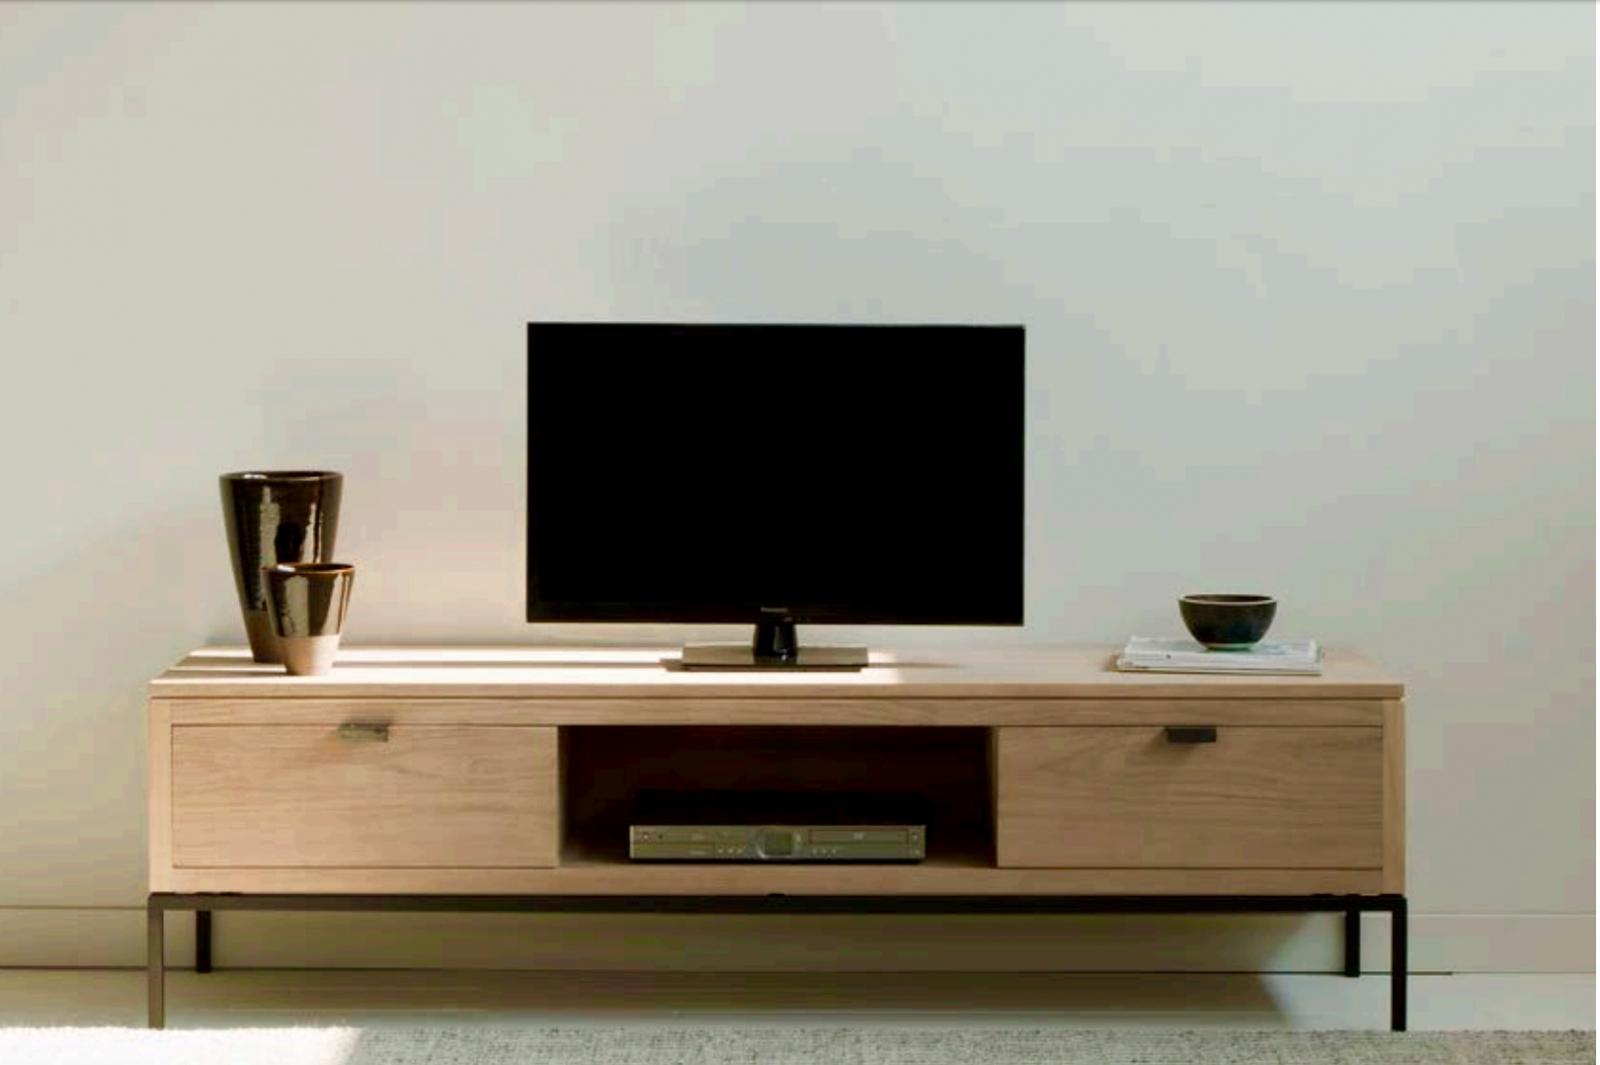 Mesa para televisión moderna de teca con patas de hierro - Mesa para televisión moderna, de teca color claro y patas de hierro.